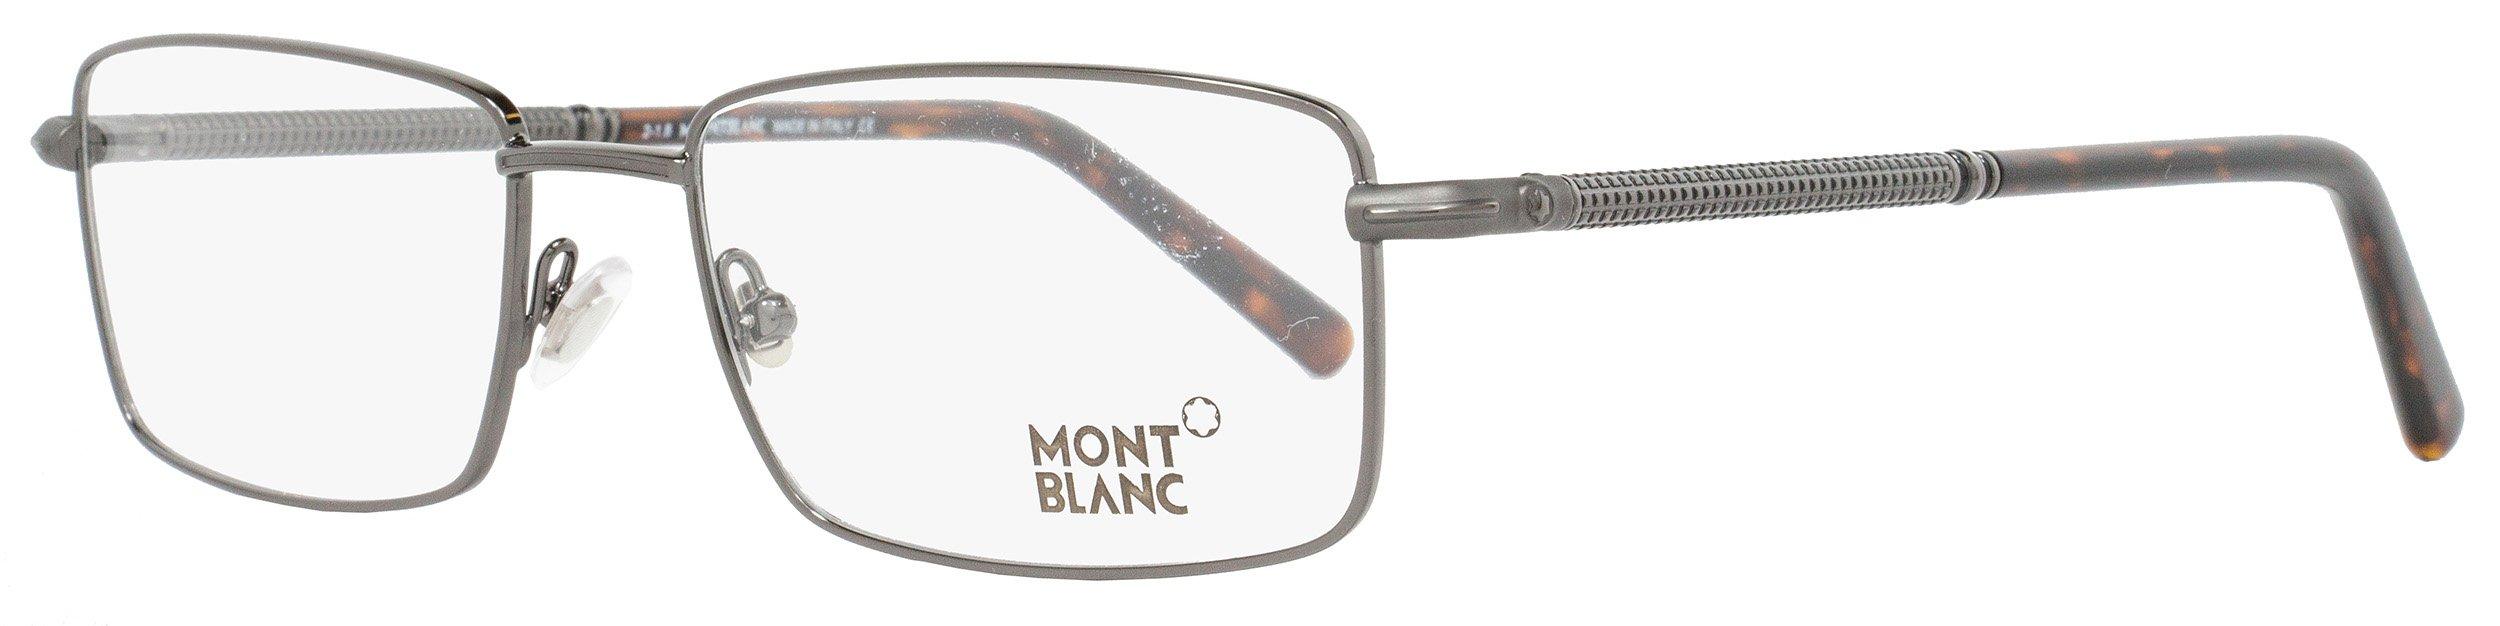 Montblanc Rectangular Eyeglasses MB575 008 Size: 55mm Gunmetal/Havana 575 by MONTBLANC